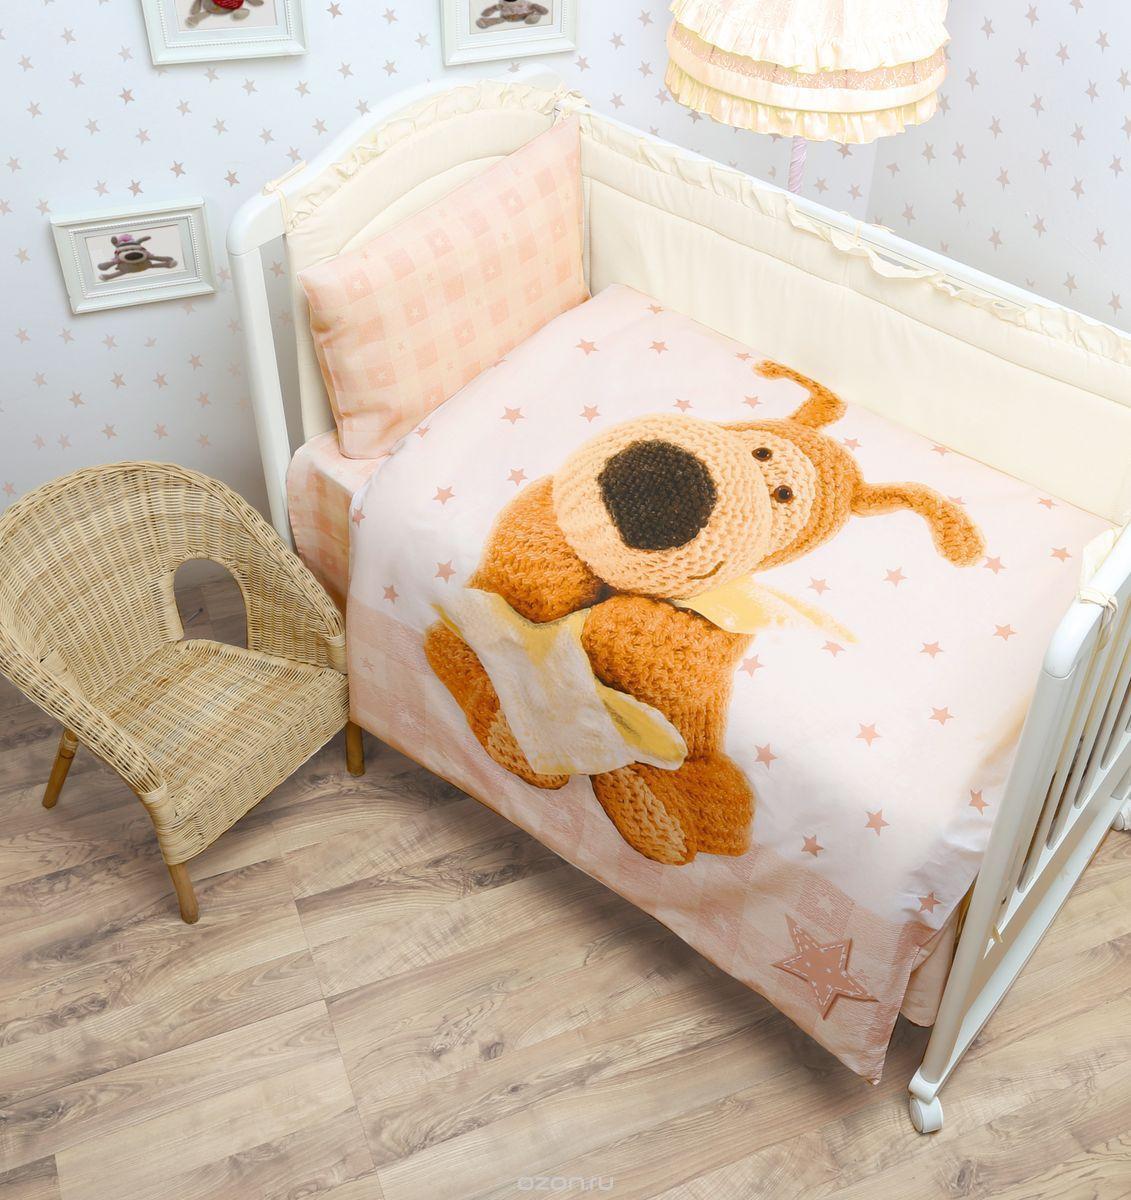 Постельное белье Boofle Baby (детский КПБ, бязь, наволочки 40х60)521810простыня 100*145, подод.110*145, нав-ка 40*60 Бязь 100% хлопок